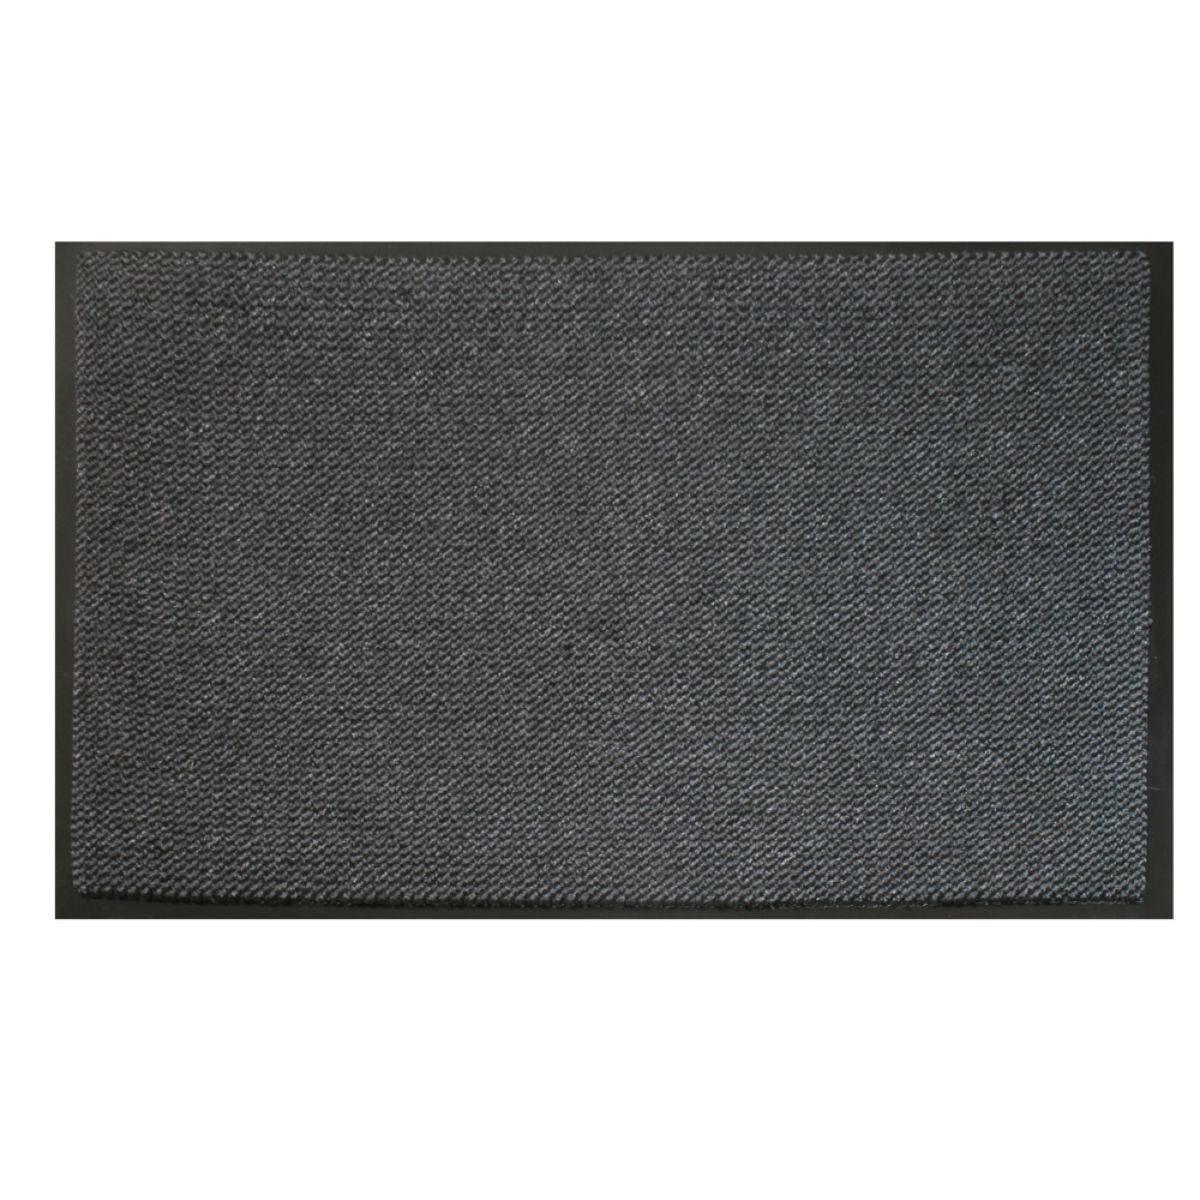 JVL Heavy Duty Commodore Backed Barrier Door Floor Mat Grey/Black 120 x 170 cm